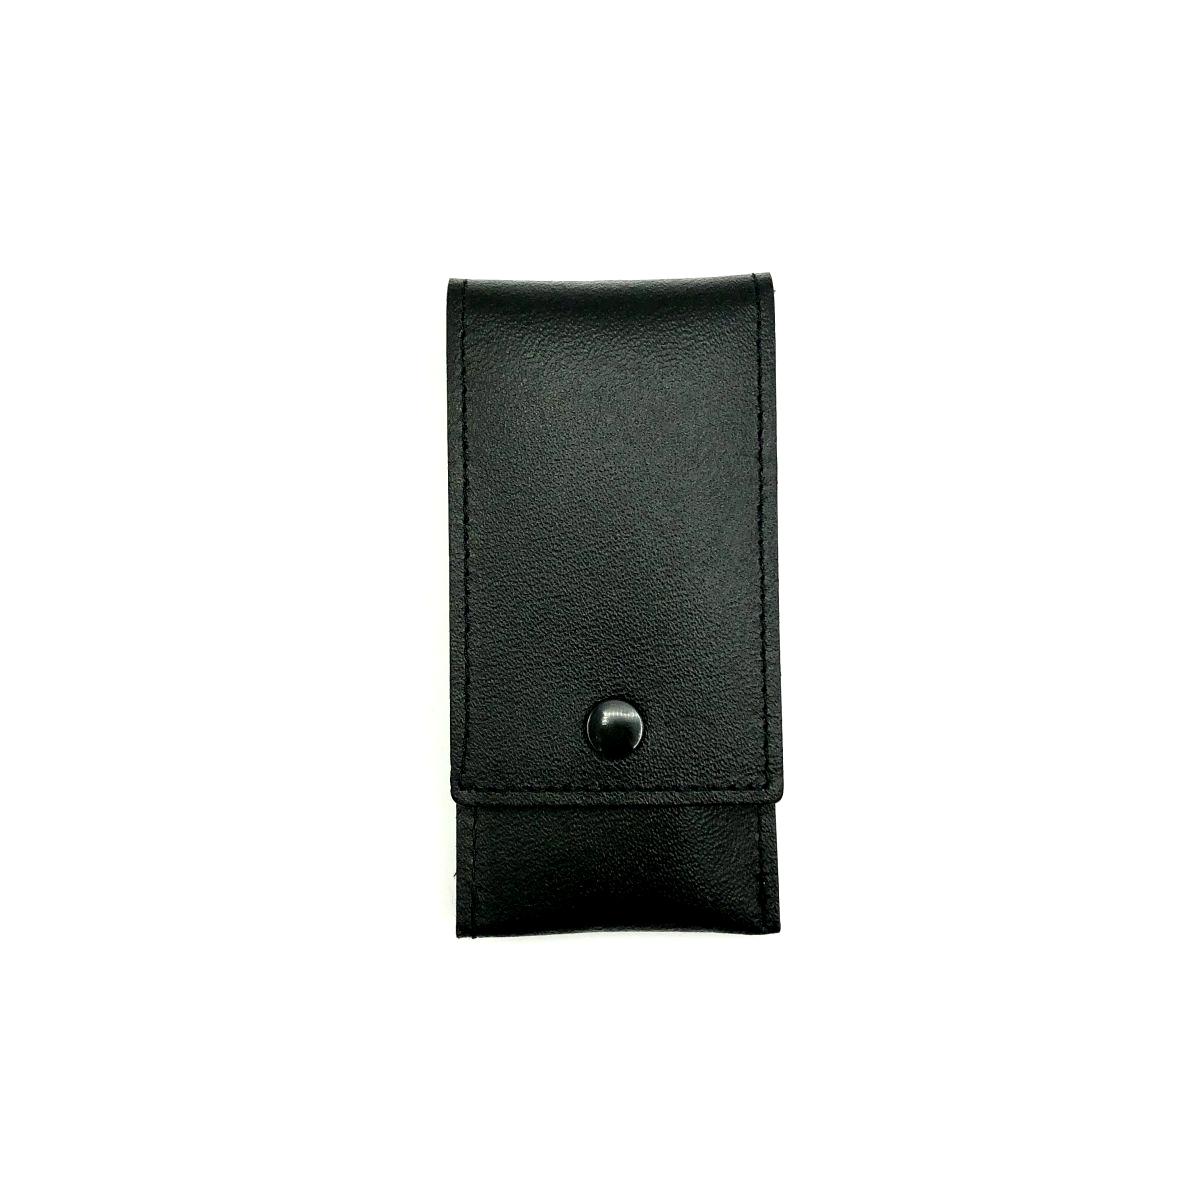 Taschen-Etui schwarz, 3teilig, Edelstahl rostfrei